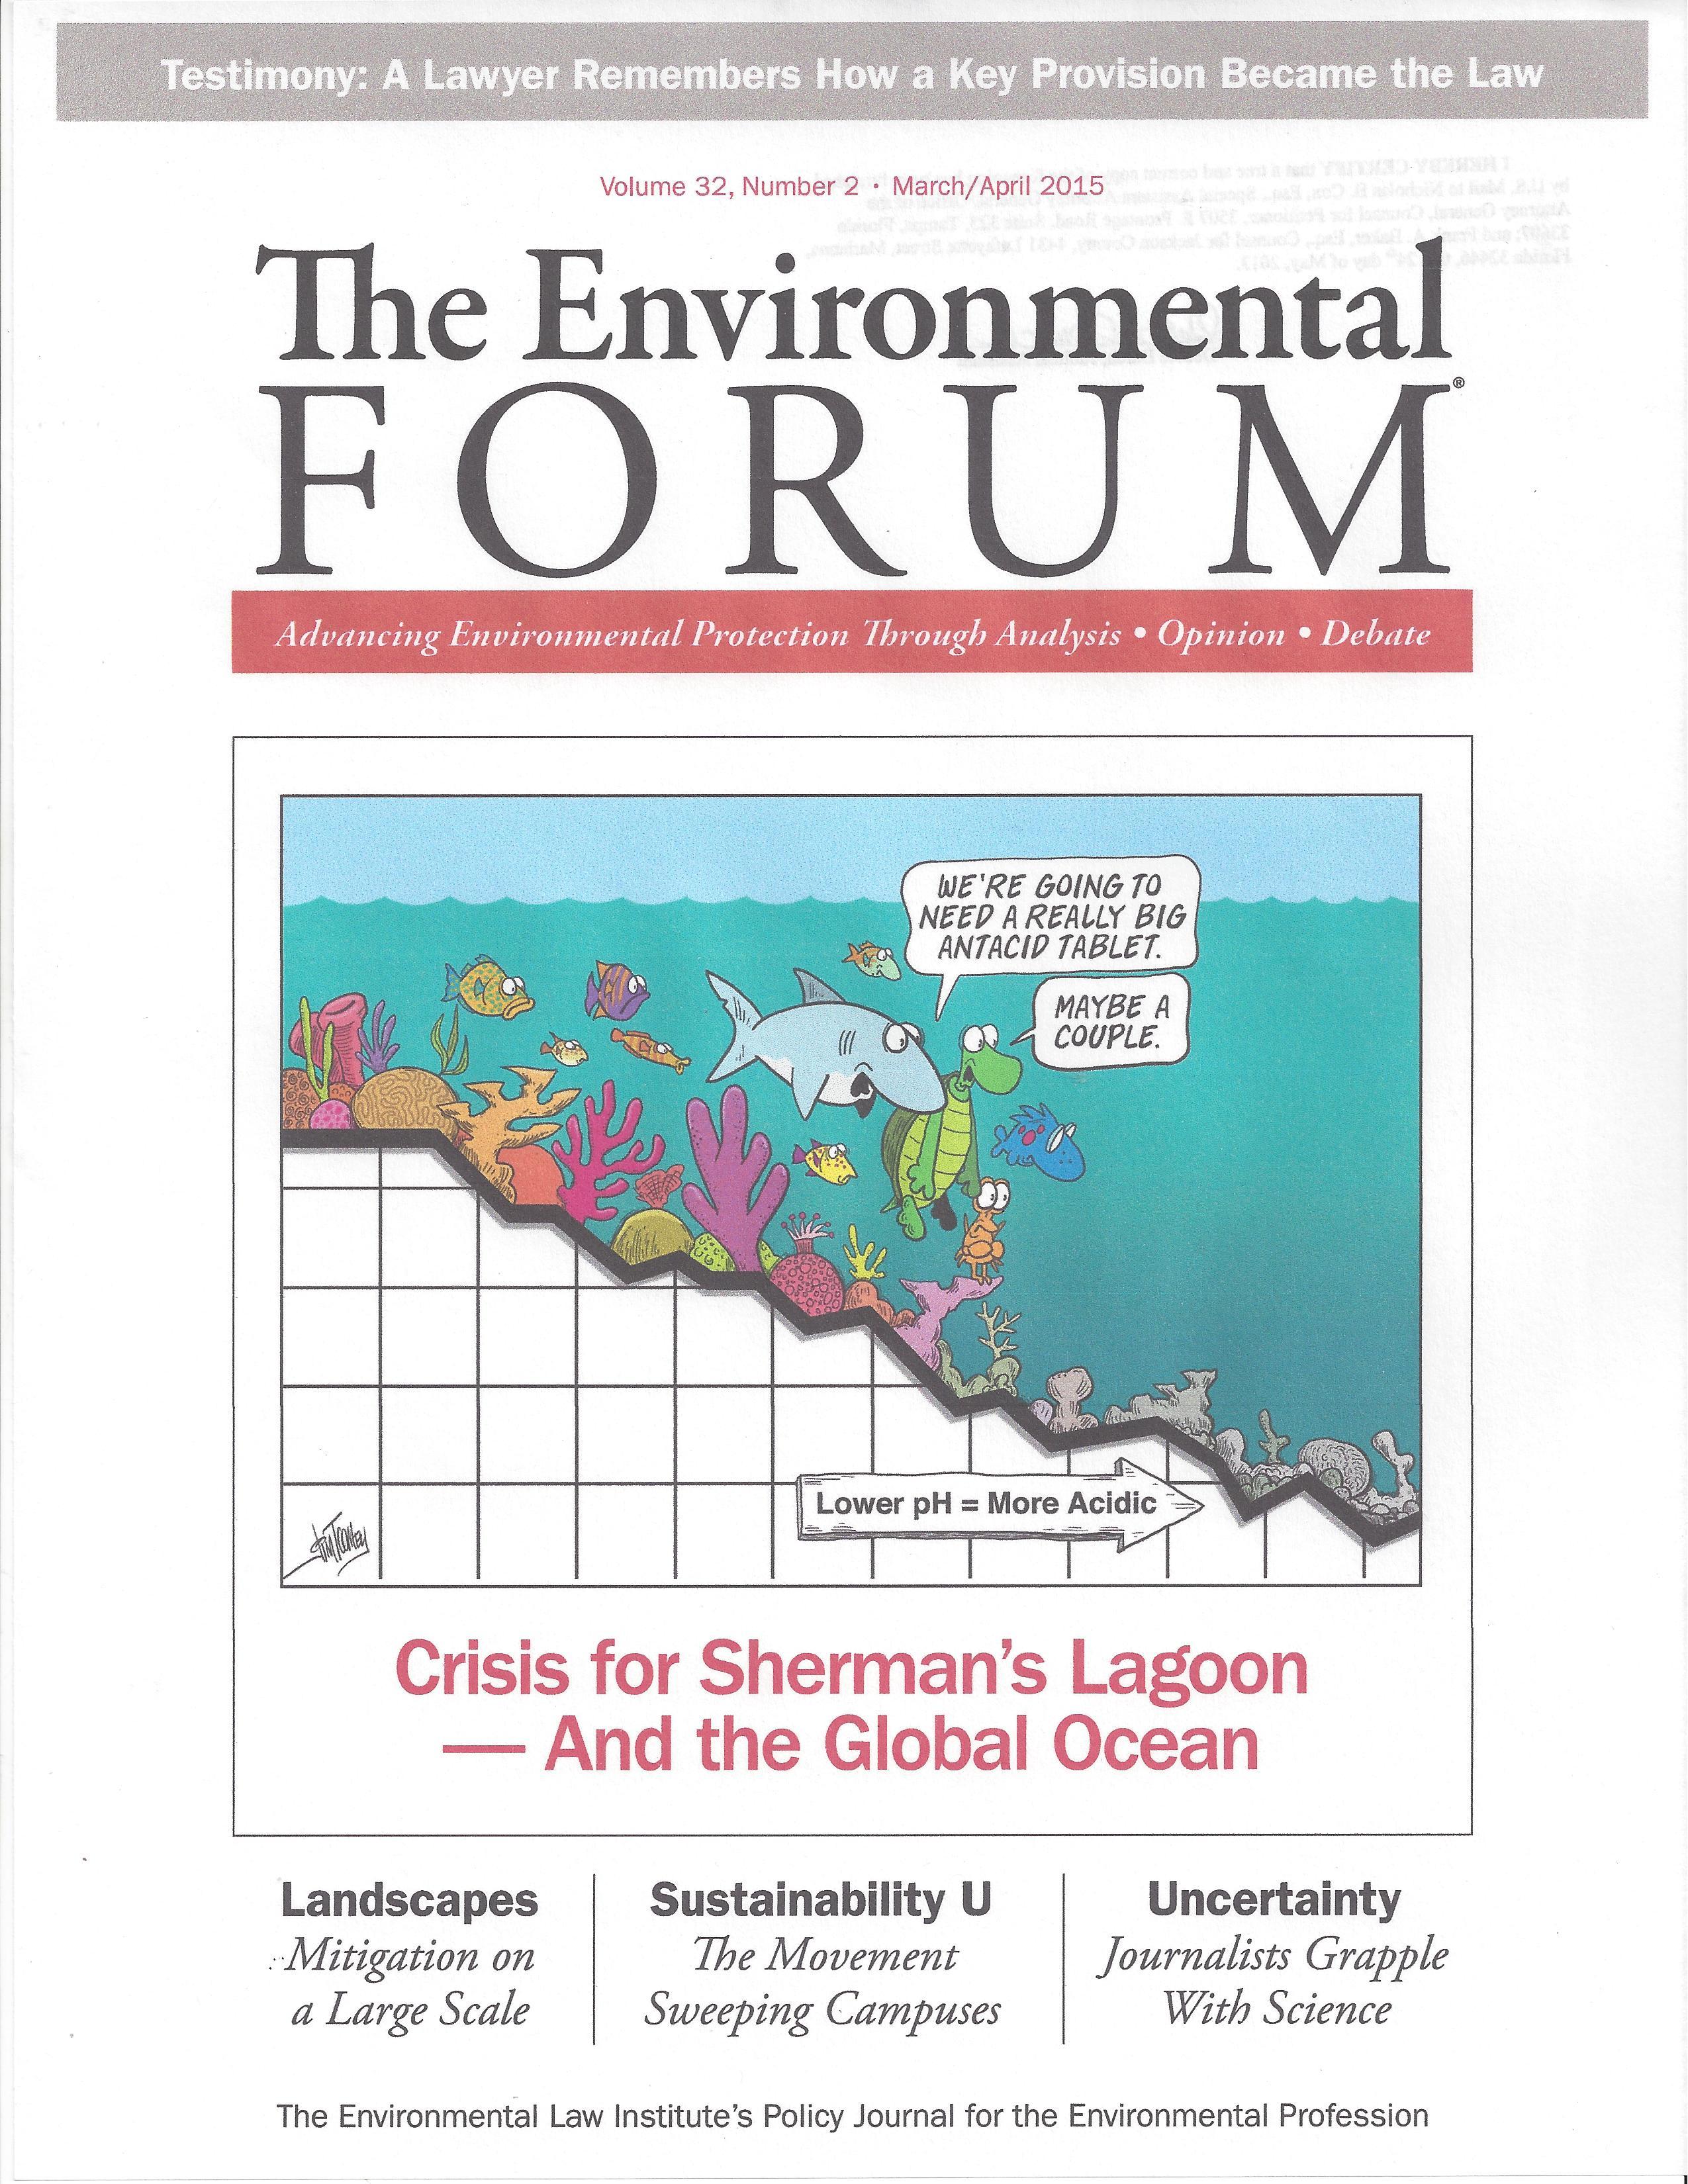 Crisi in Sherman's Lagoon001